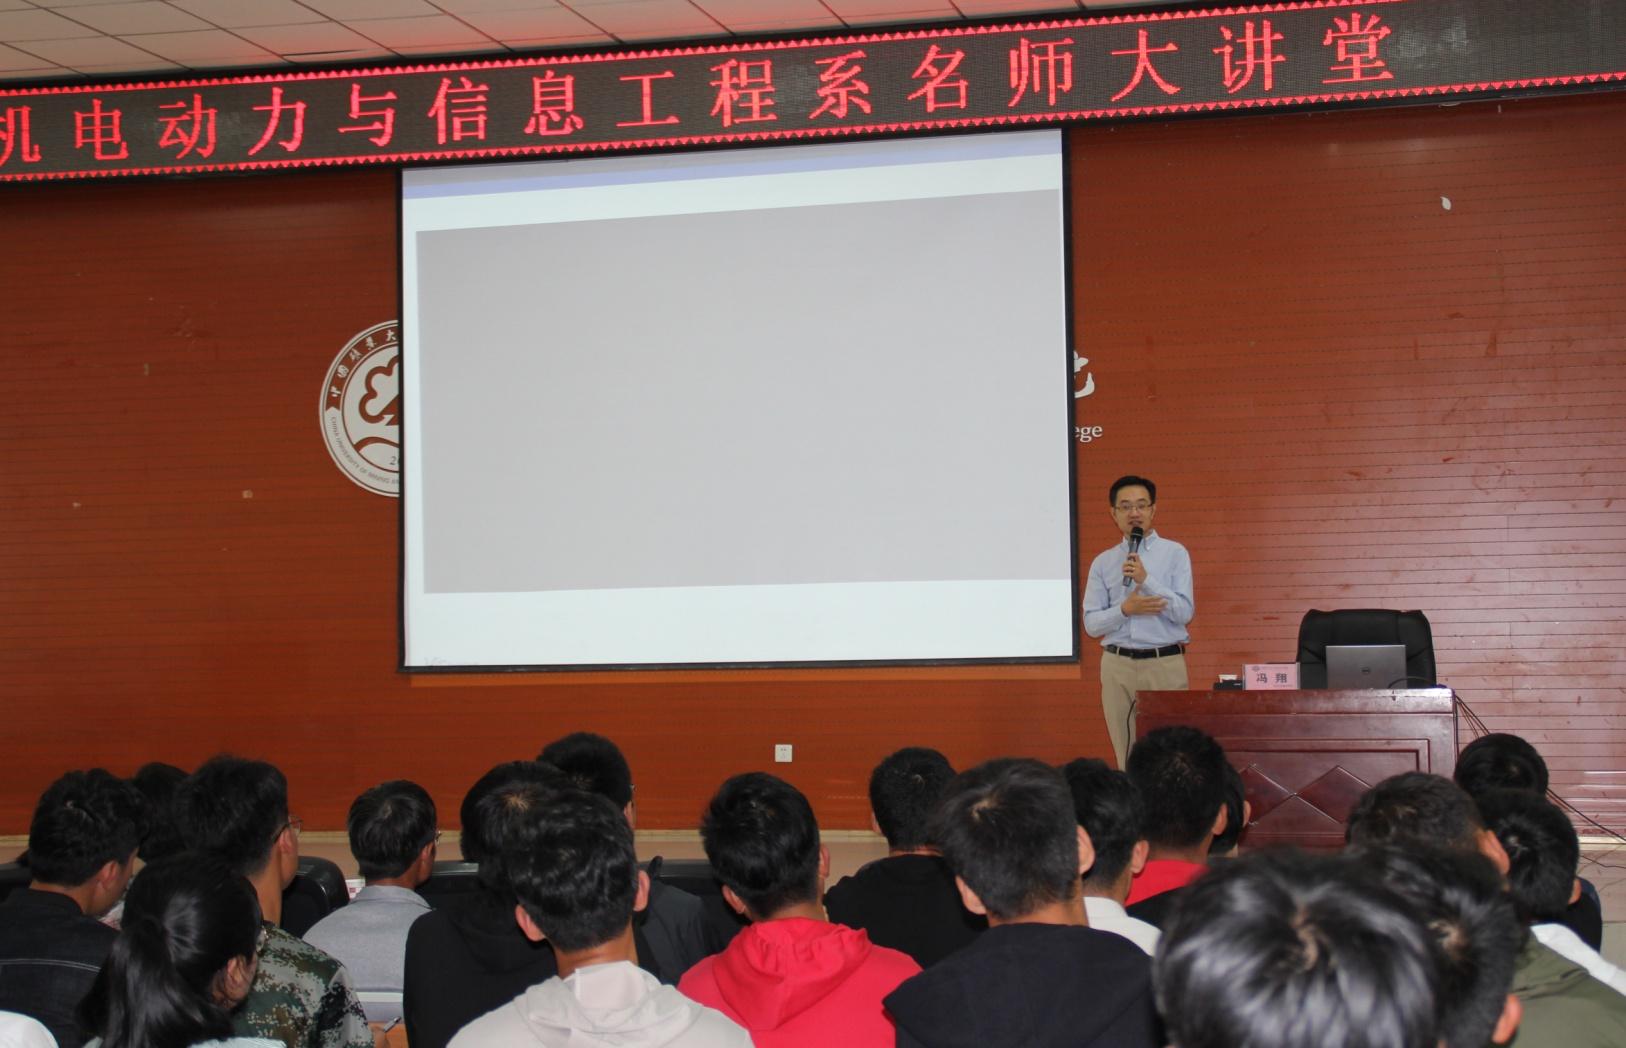 玩转物联网            ——中国矿业大学银川学院名师大讲堂